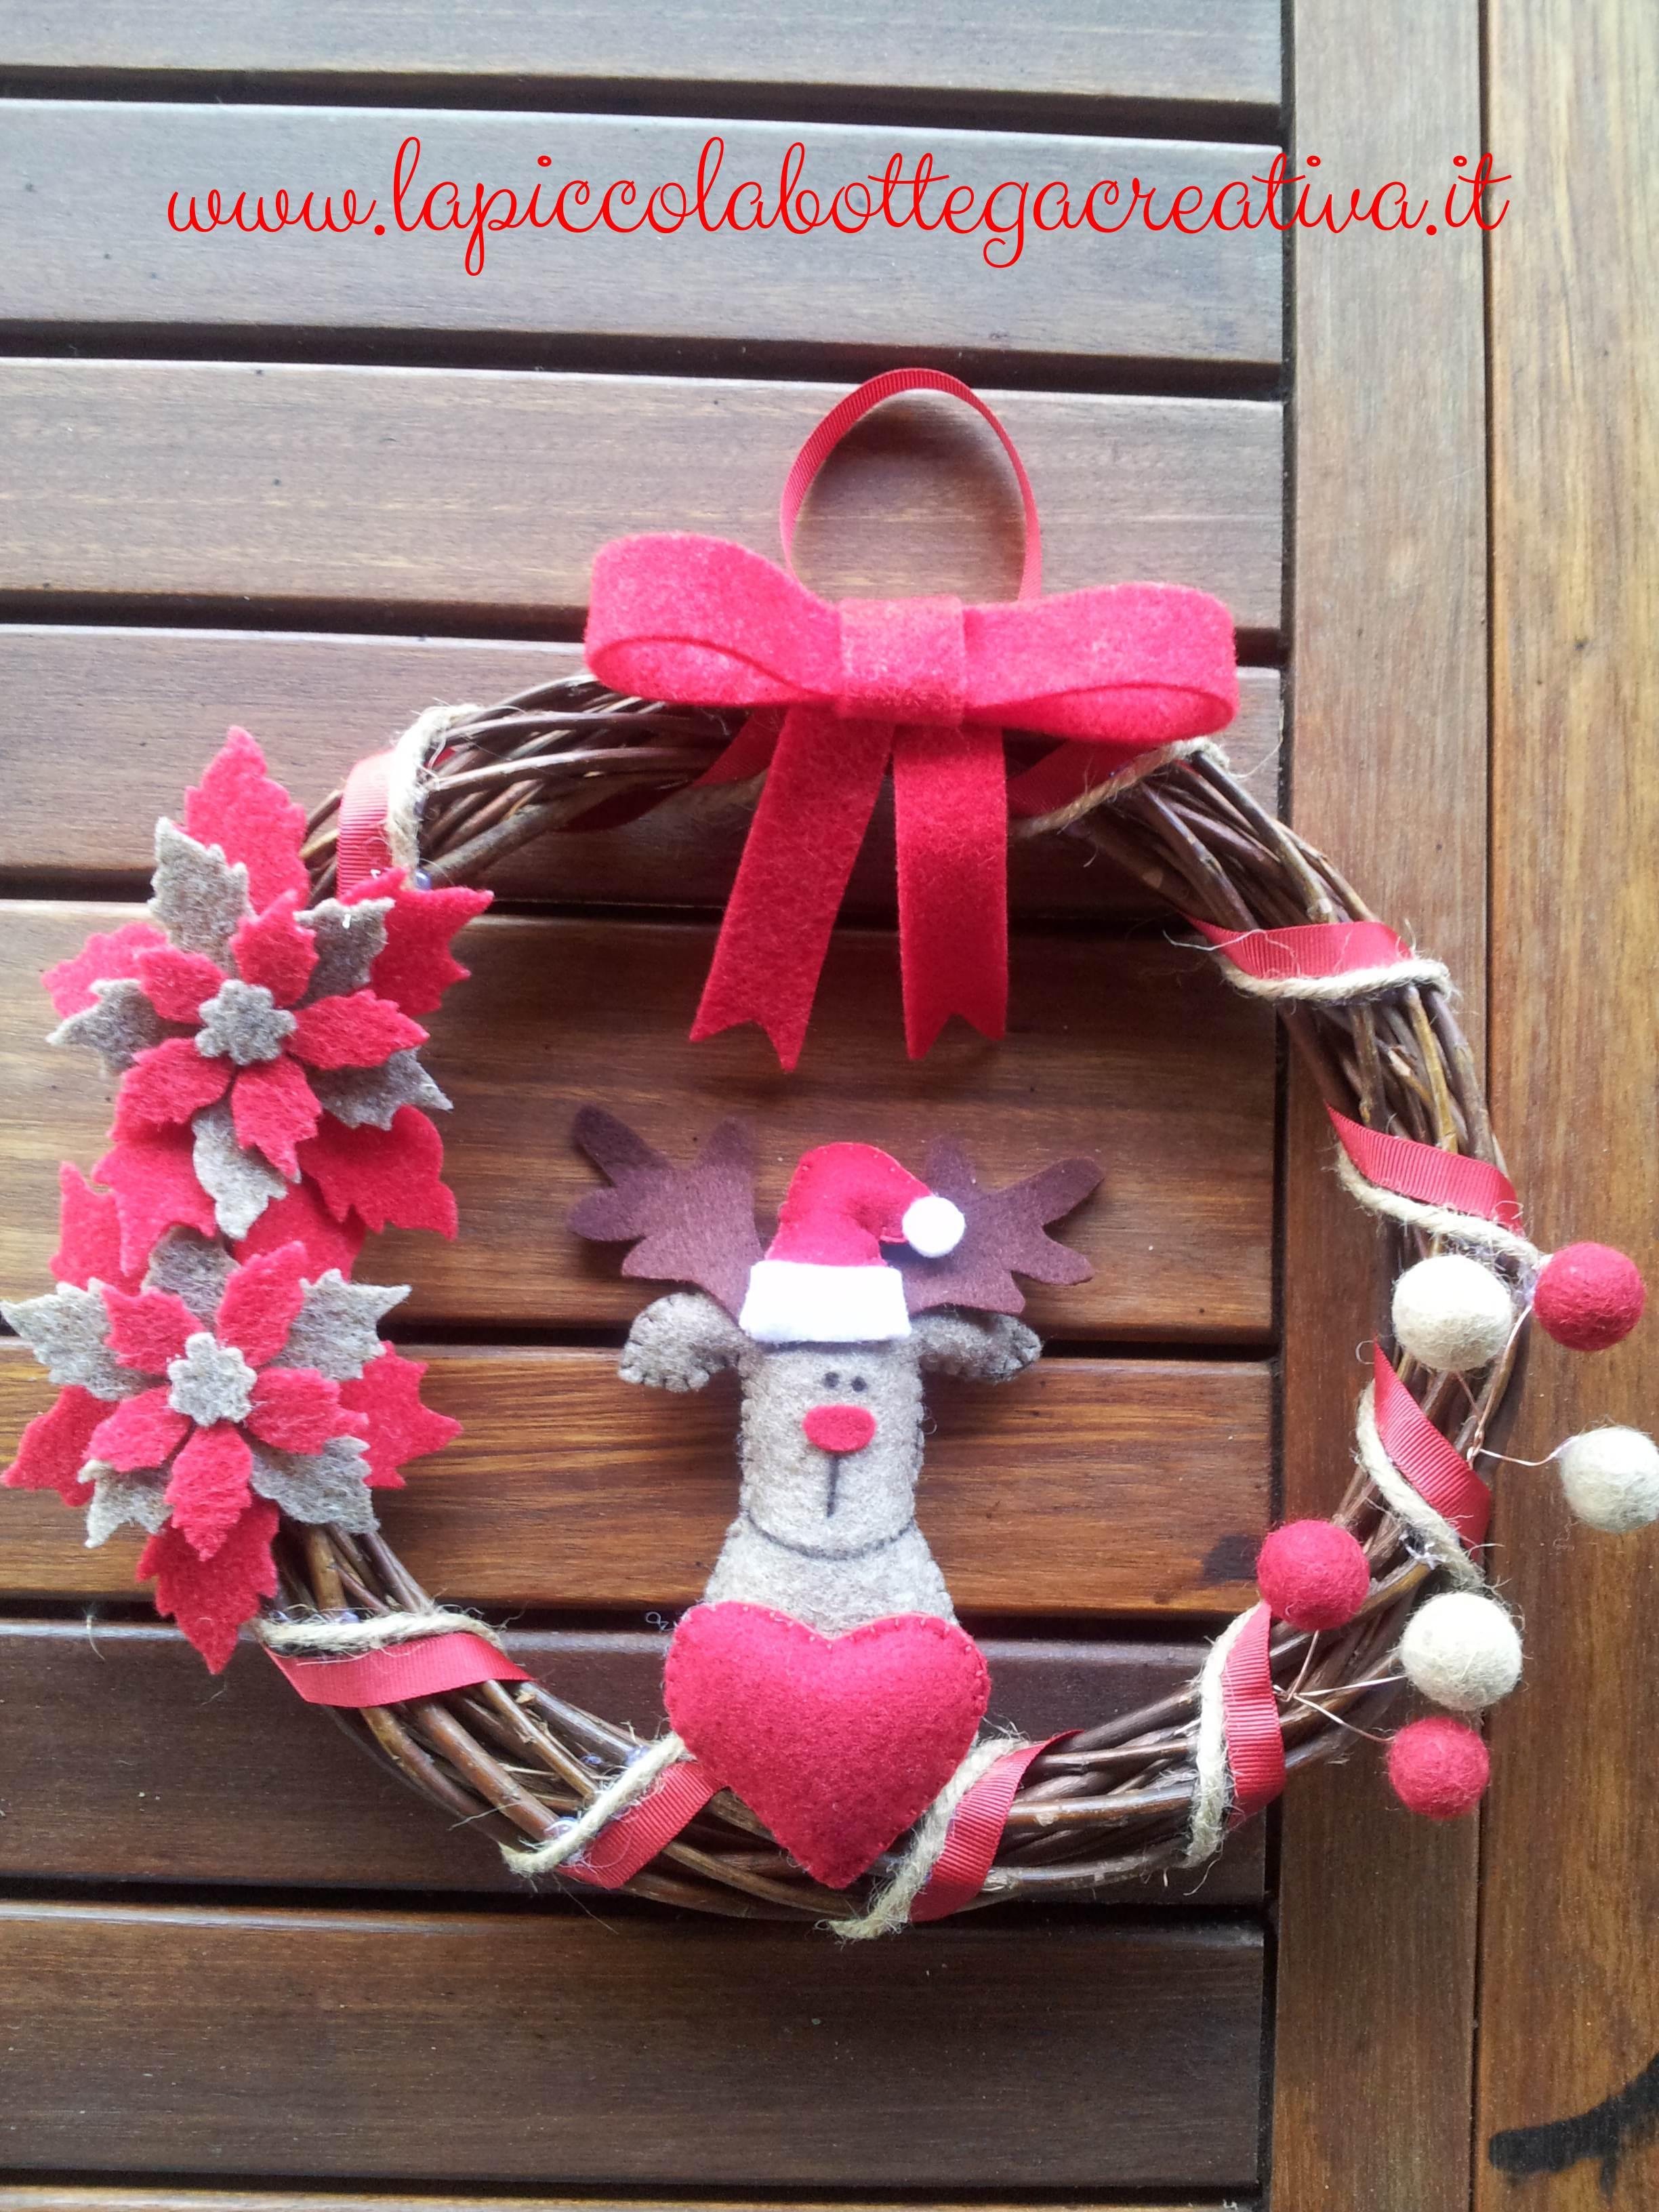 Ghirlanda fuoriporta decorata in feltro con renna